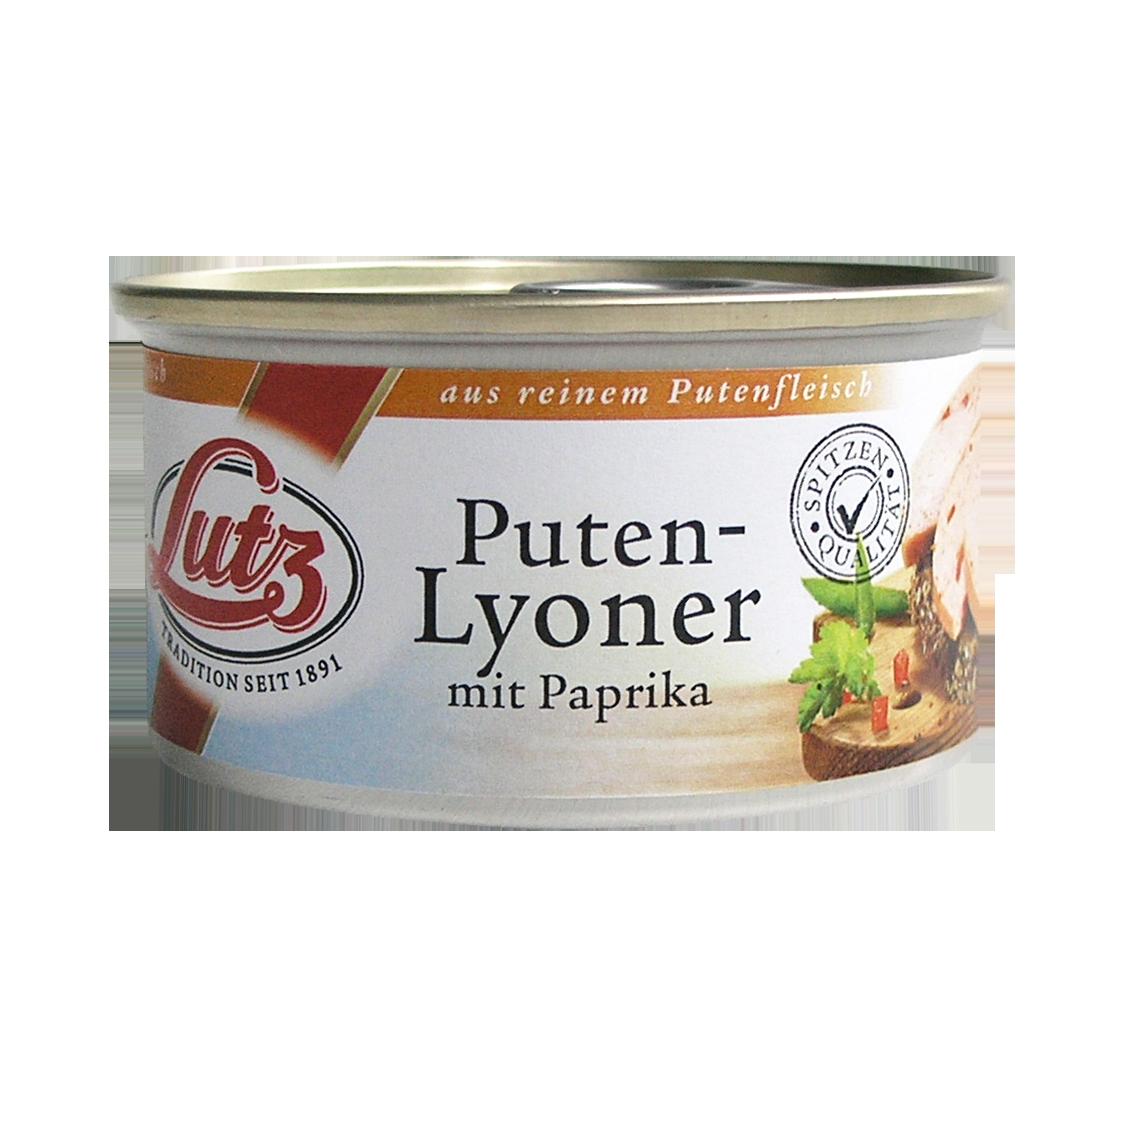 Puten-Lyoner mit Paprika